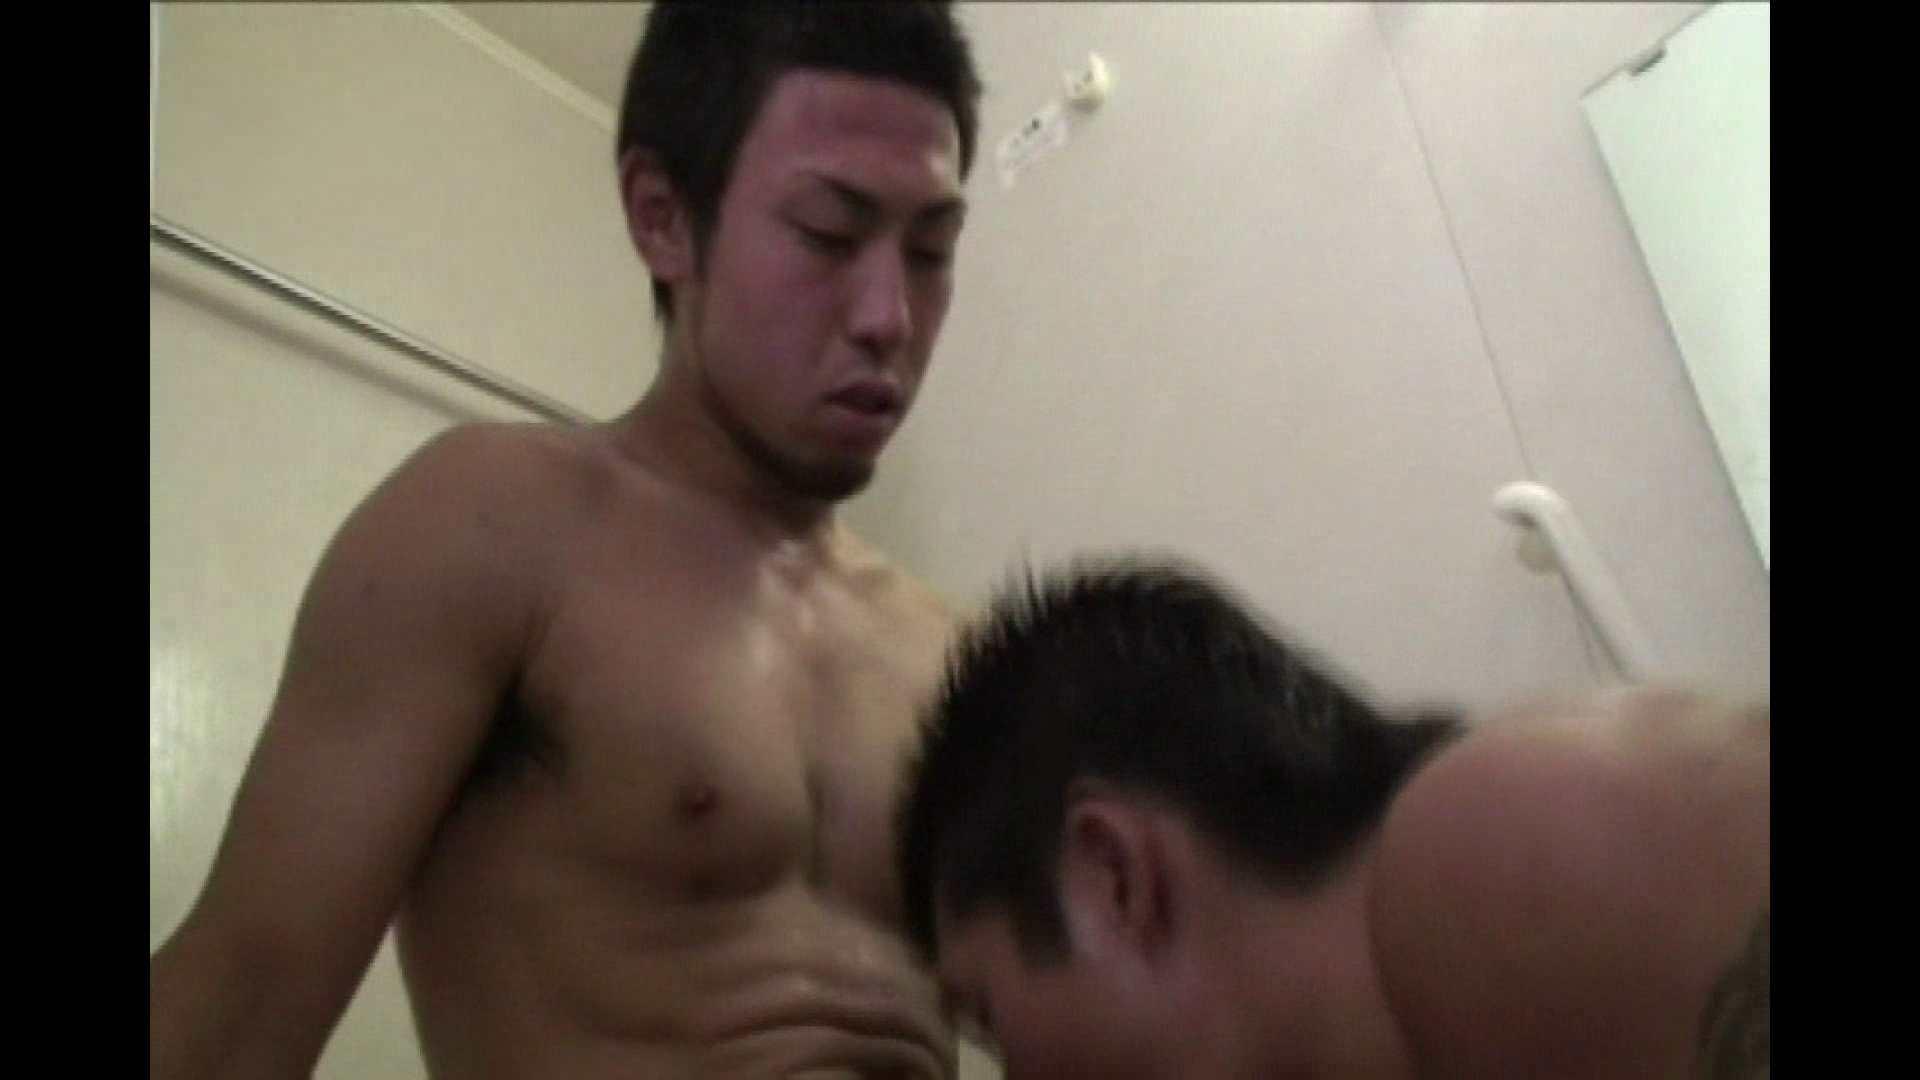 ヤリヤリ野郎共倶楽部vol.38前半 エロ   男天国  97pic 55